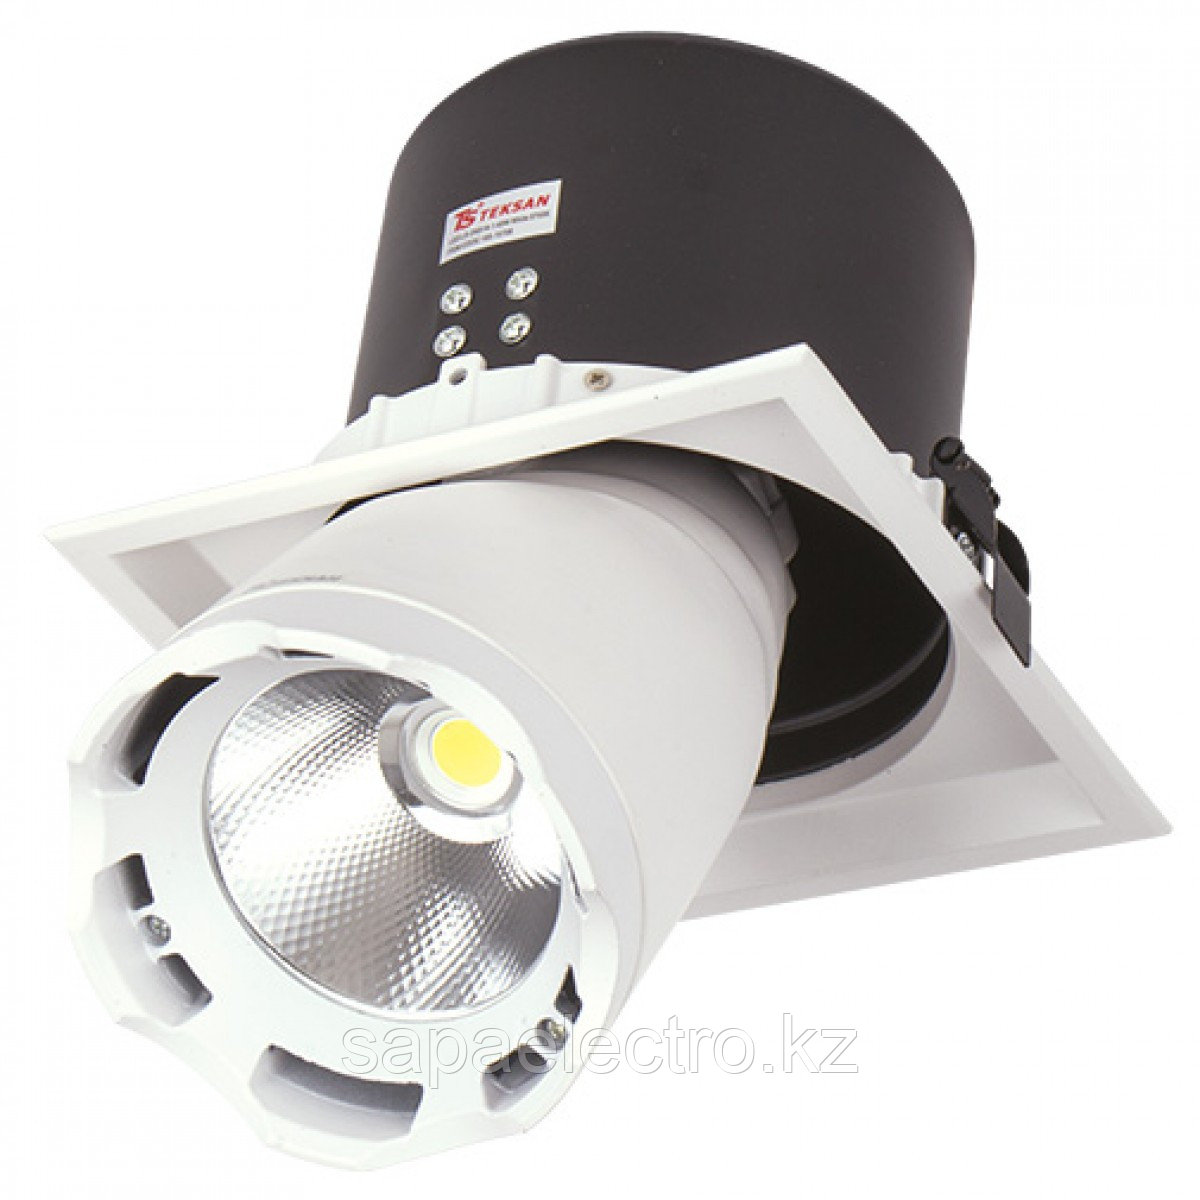 Свет-к DL LED LS-DK914-1 40W WHITE 5700K(TS)8шт